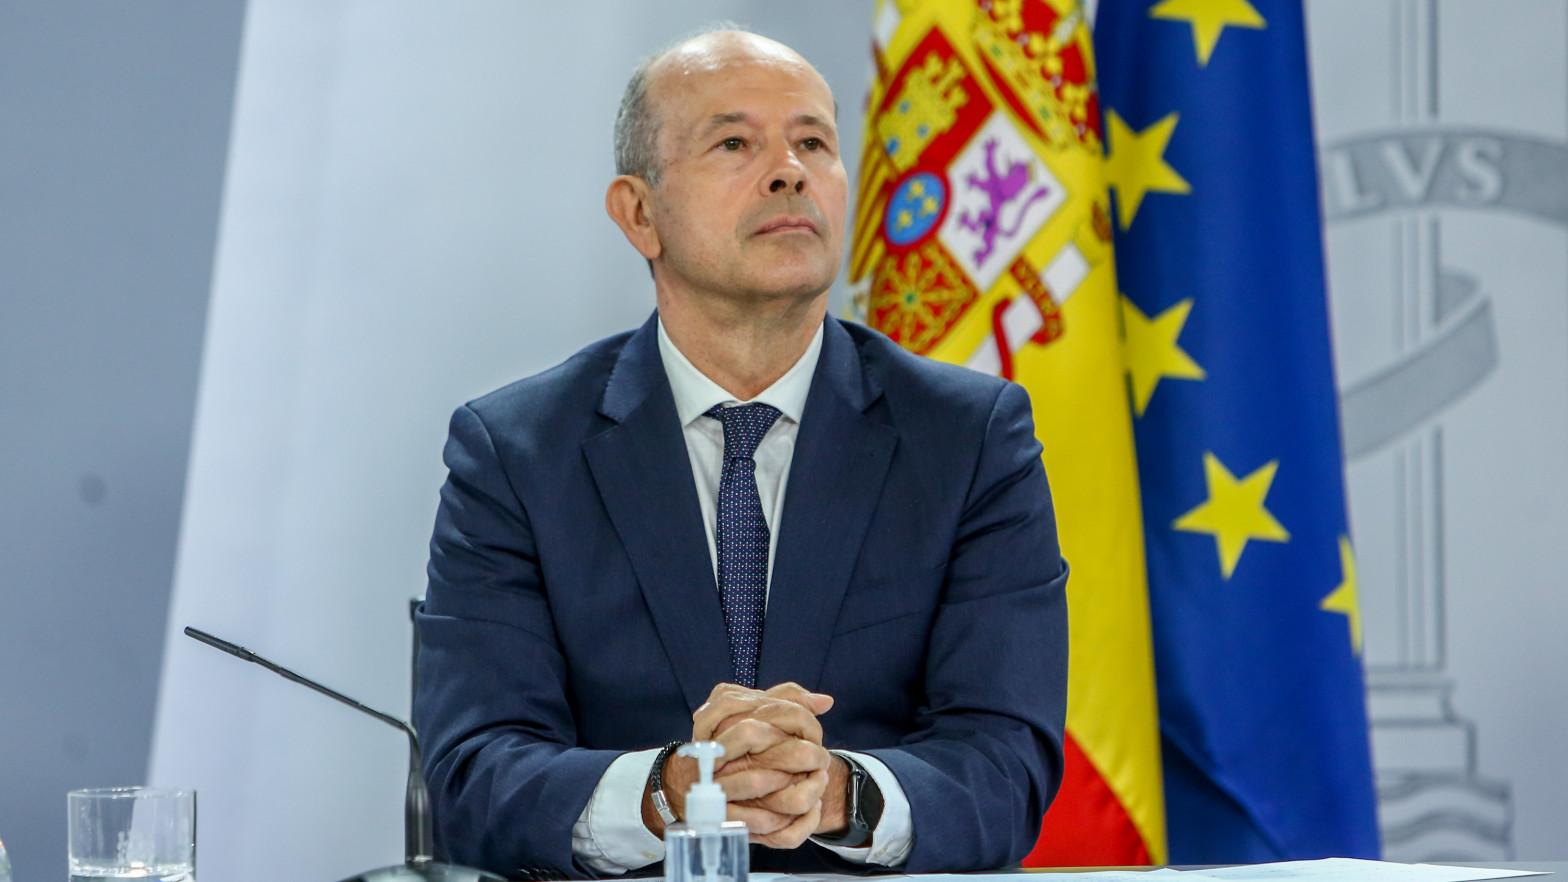 El ministro de Justicia, Juan Carlos Campo, sale también del Gobierno